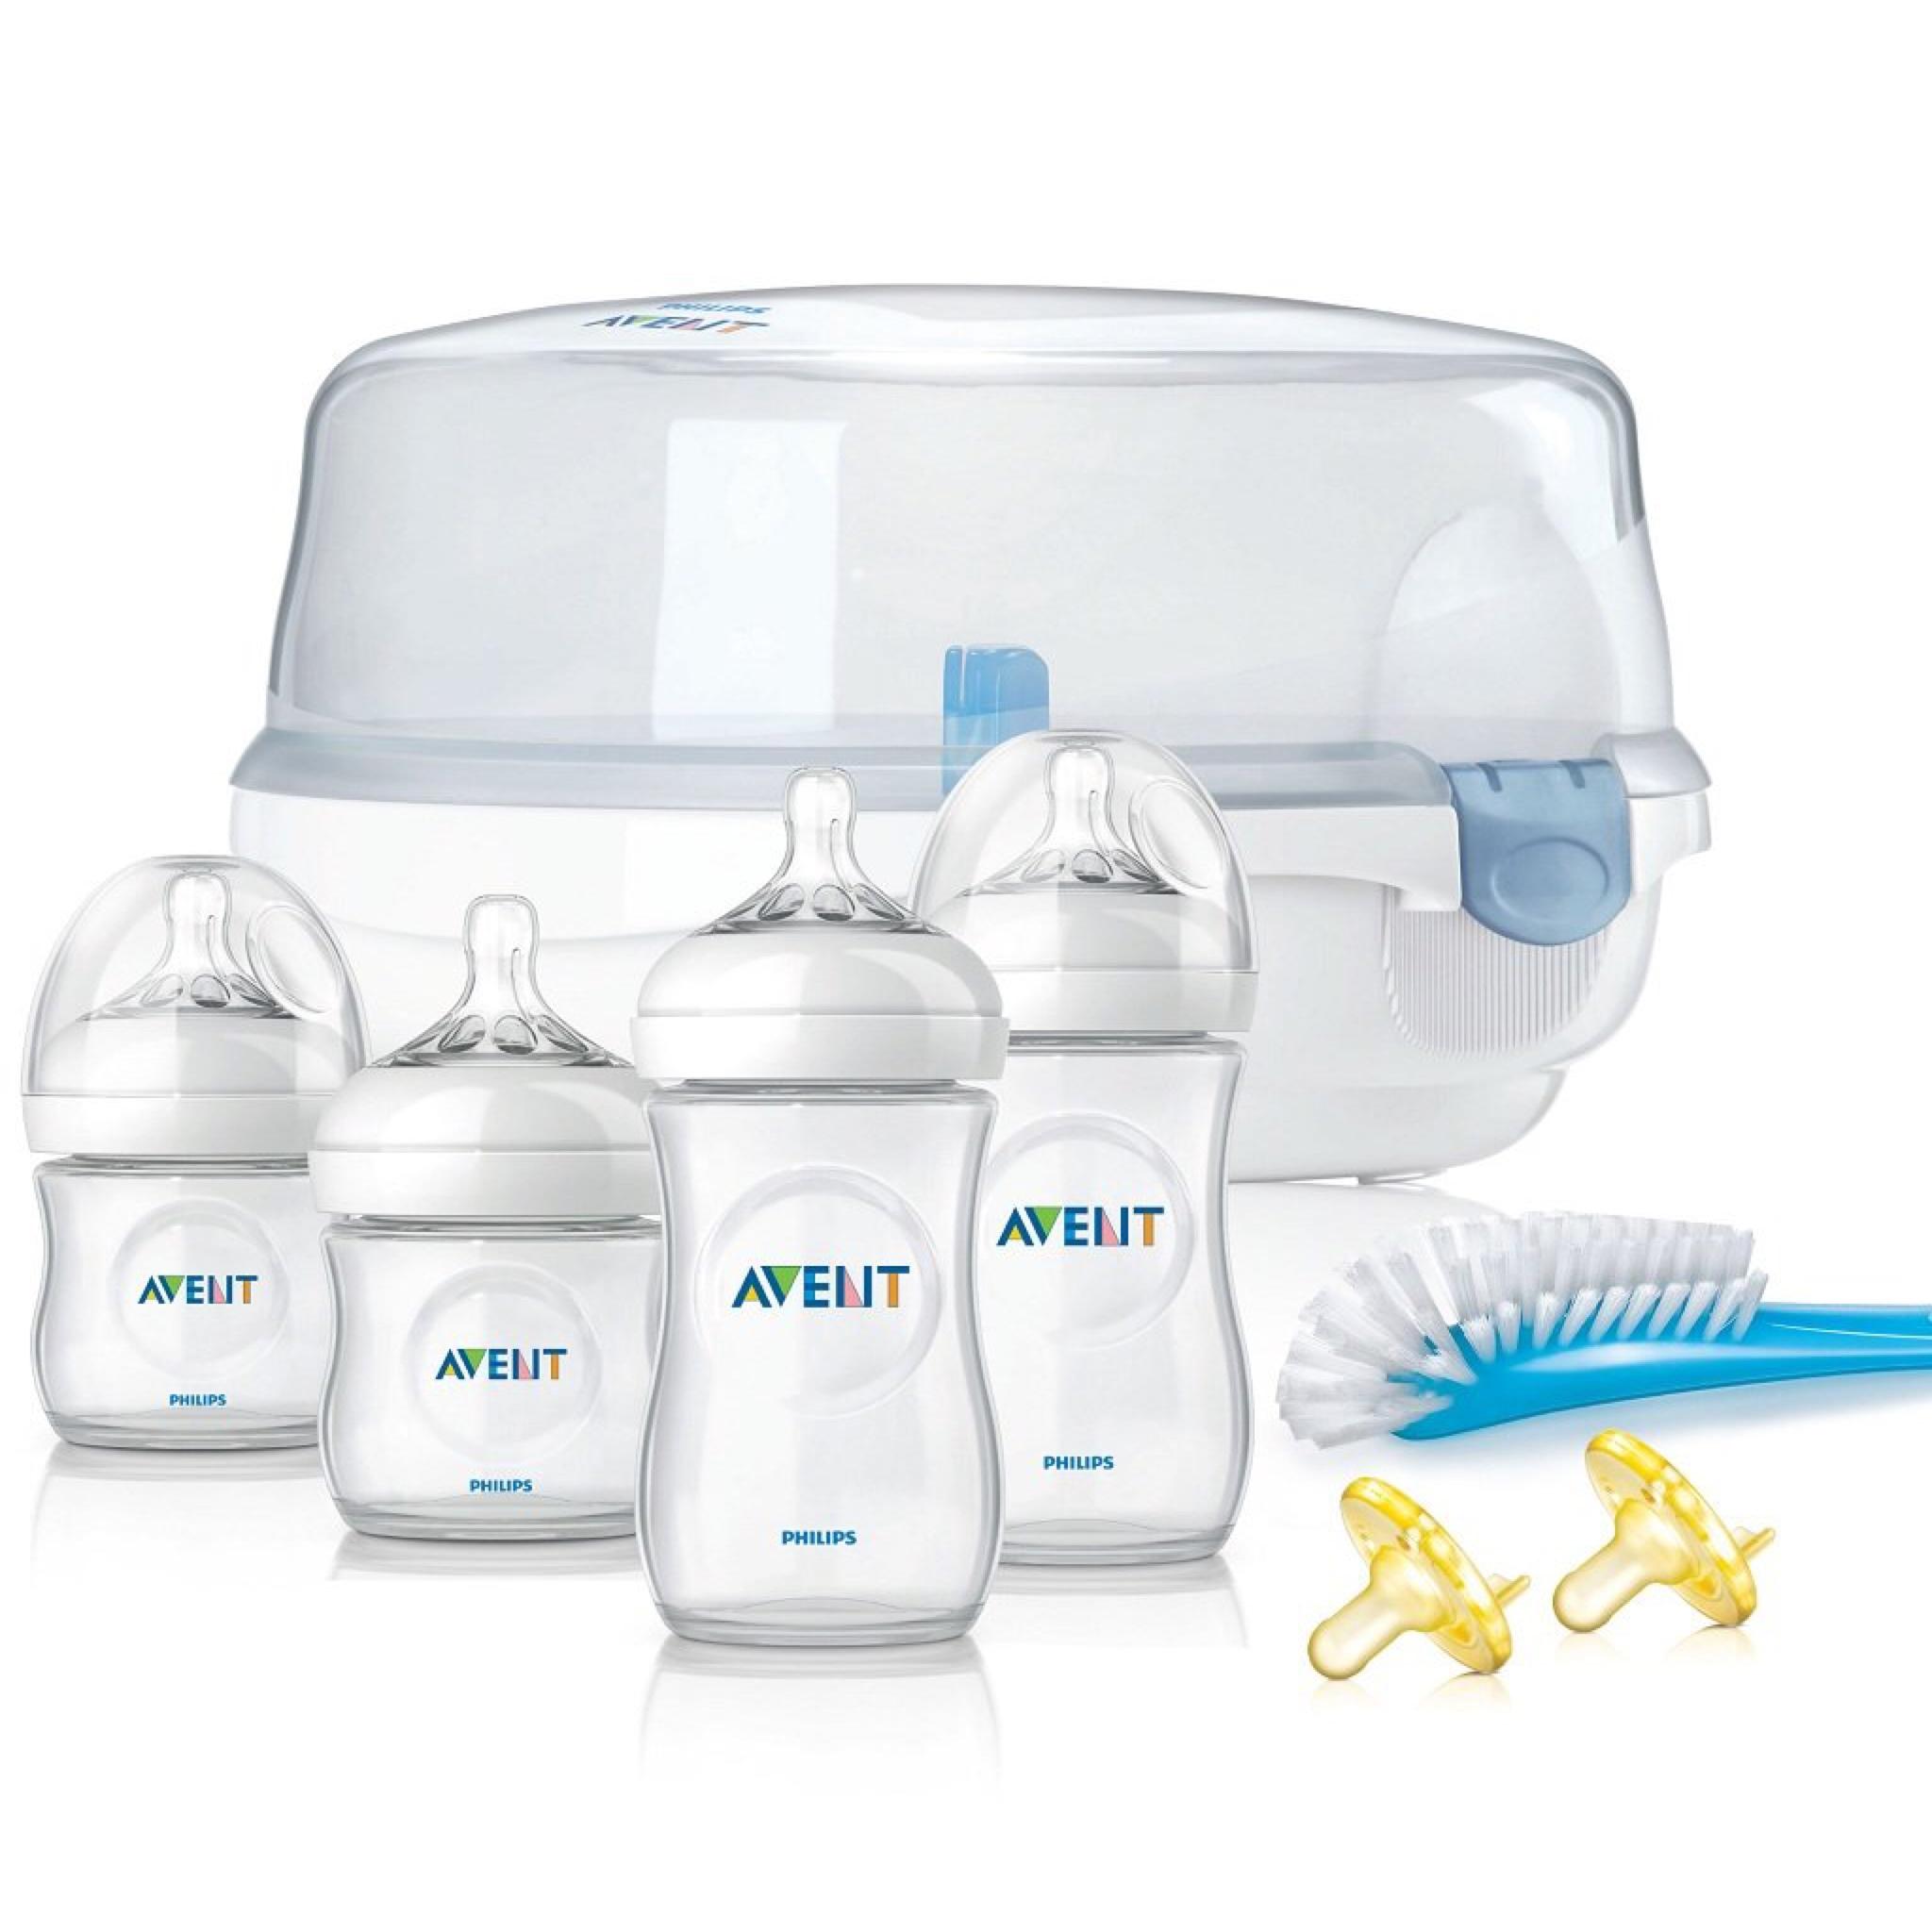 ชุดขวดนมพร้อมอุปกรณ์กำจัดเชื้อโรคด้วยไมโครเวฟ Philips AVENT Essentials Set - Natural